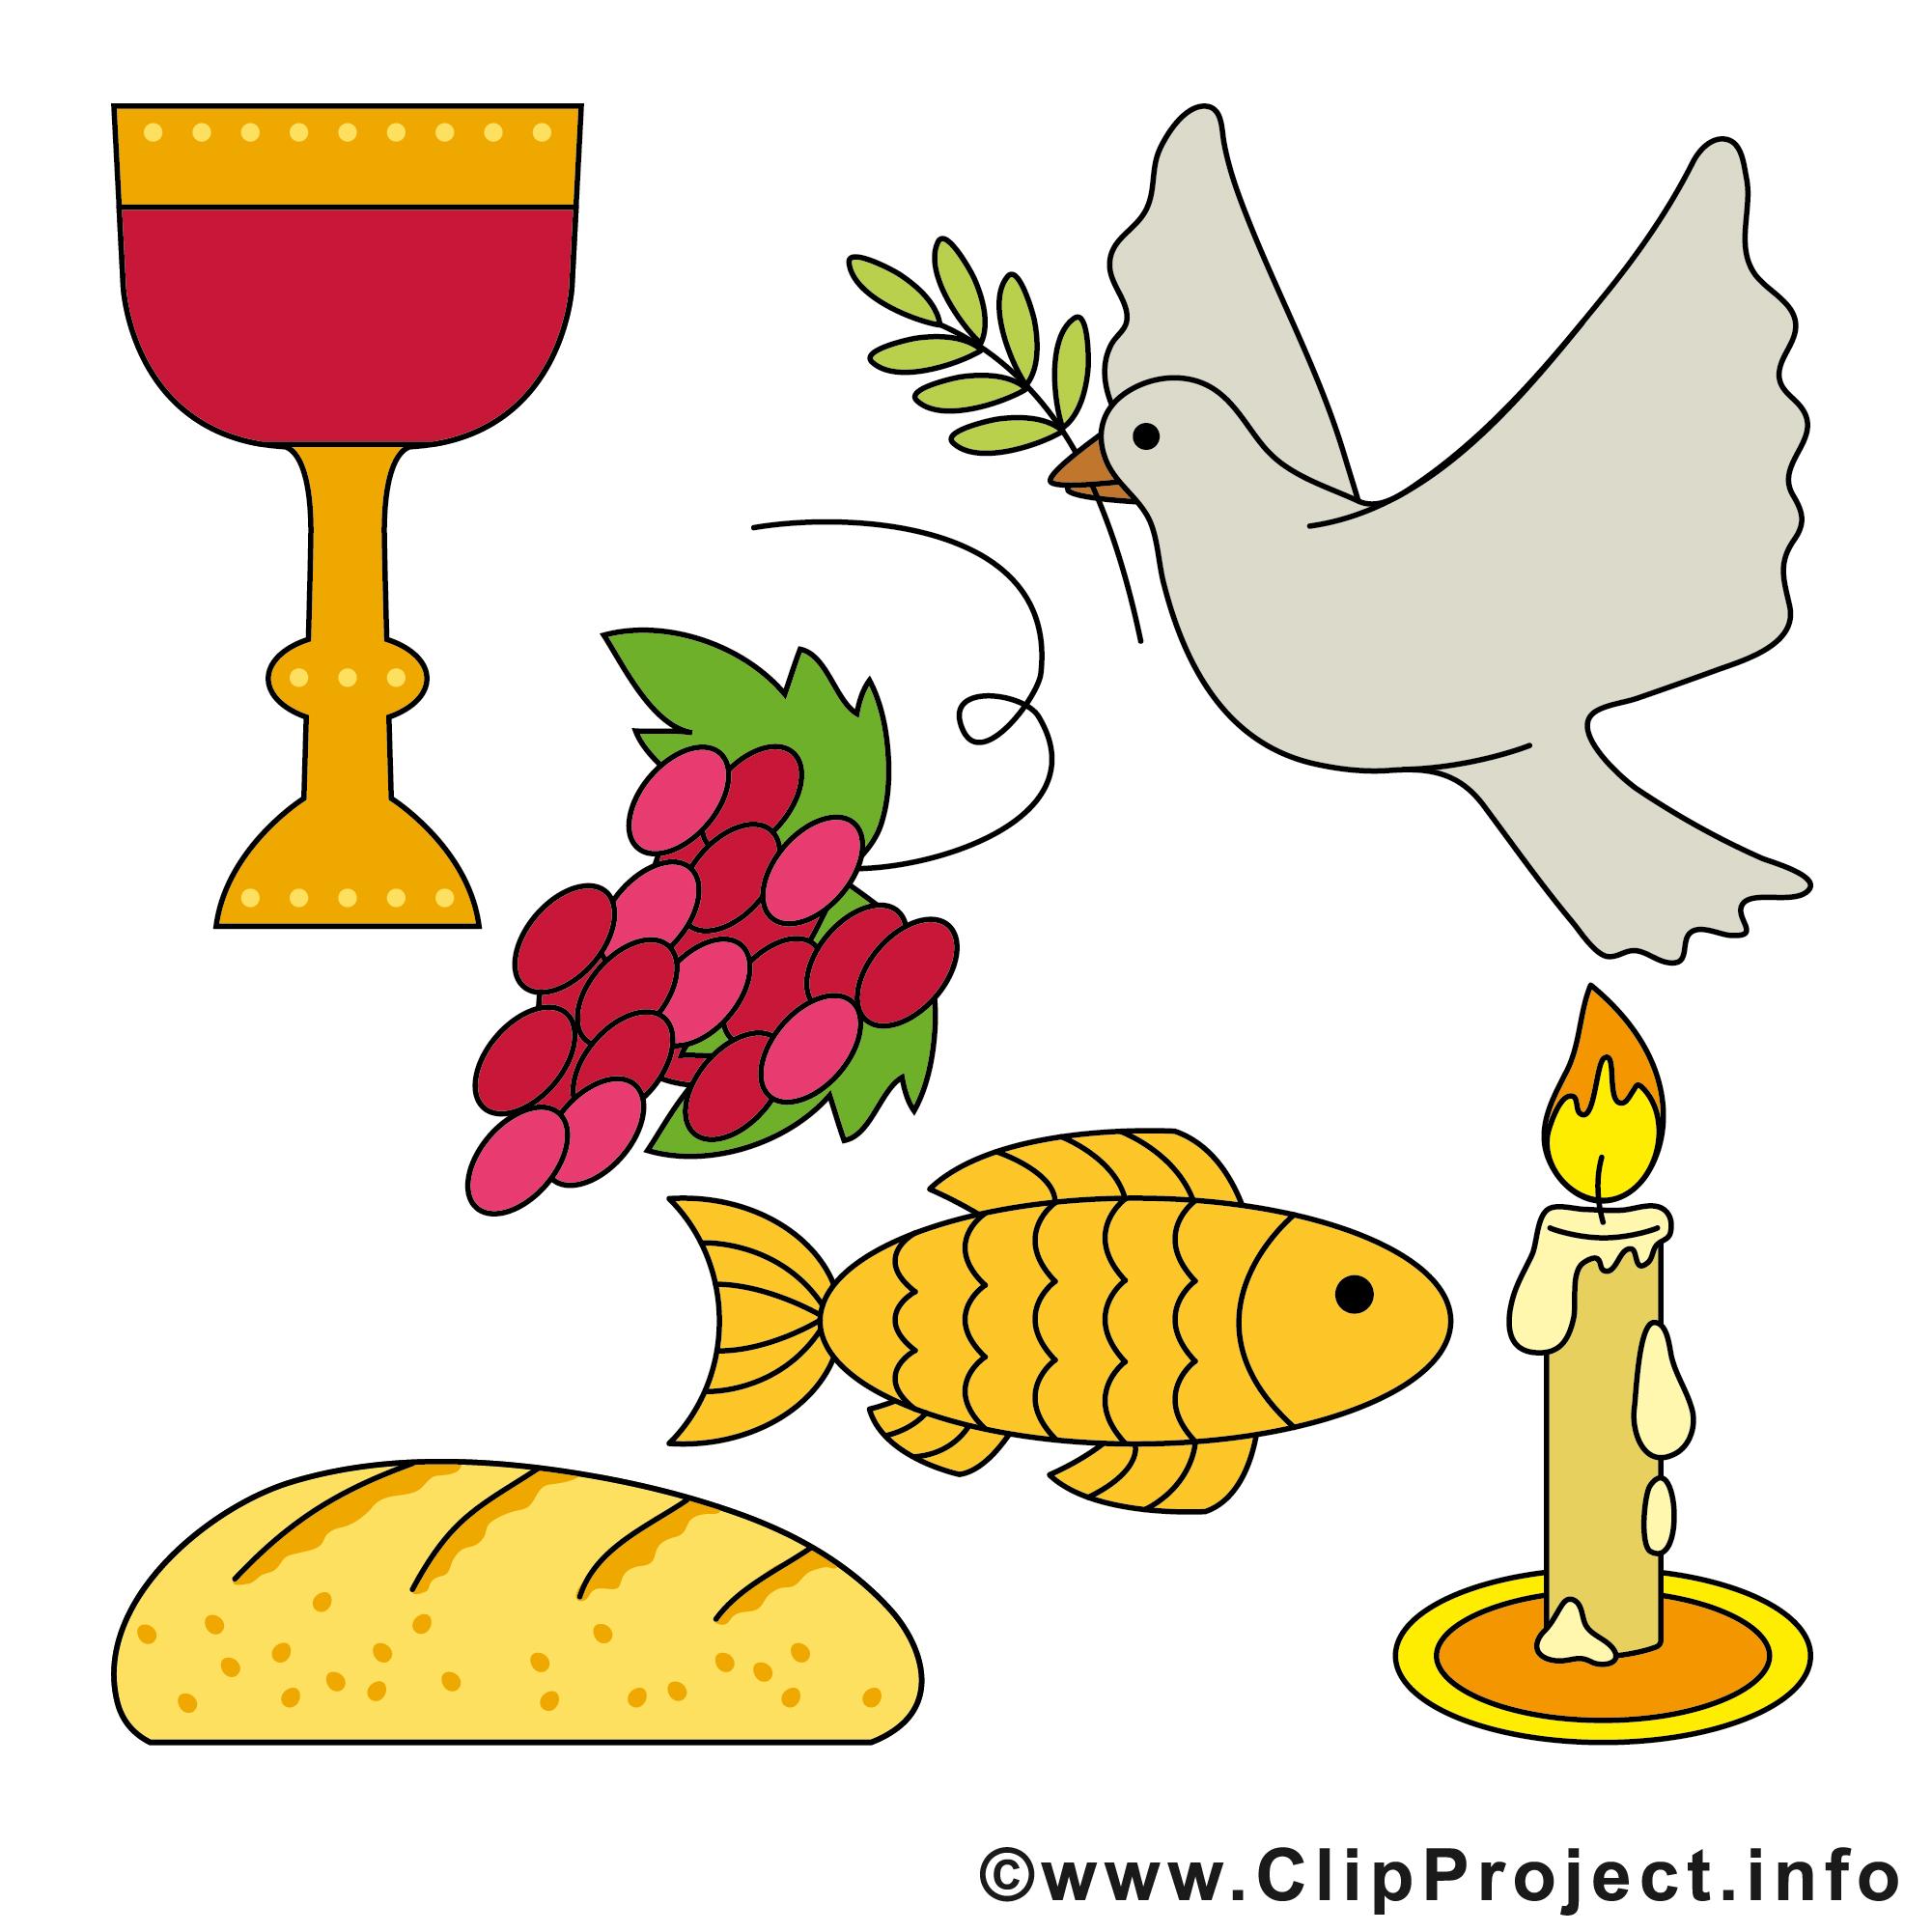 Clipart einladung jpg royalty free Kommunion Bilder, Cliparts, Cartoons, Grafiken, Illustrationen ... jpg royalty free